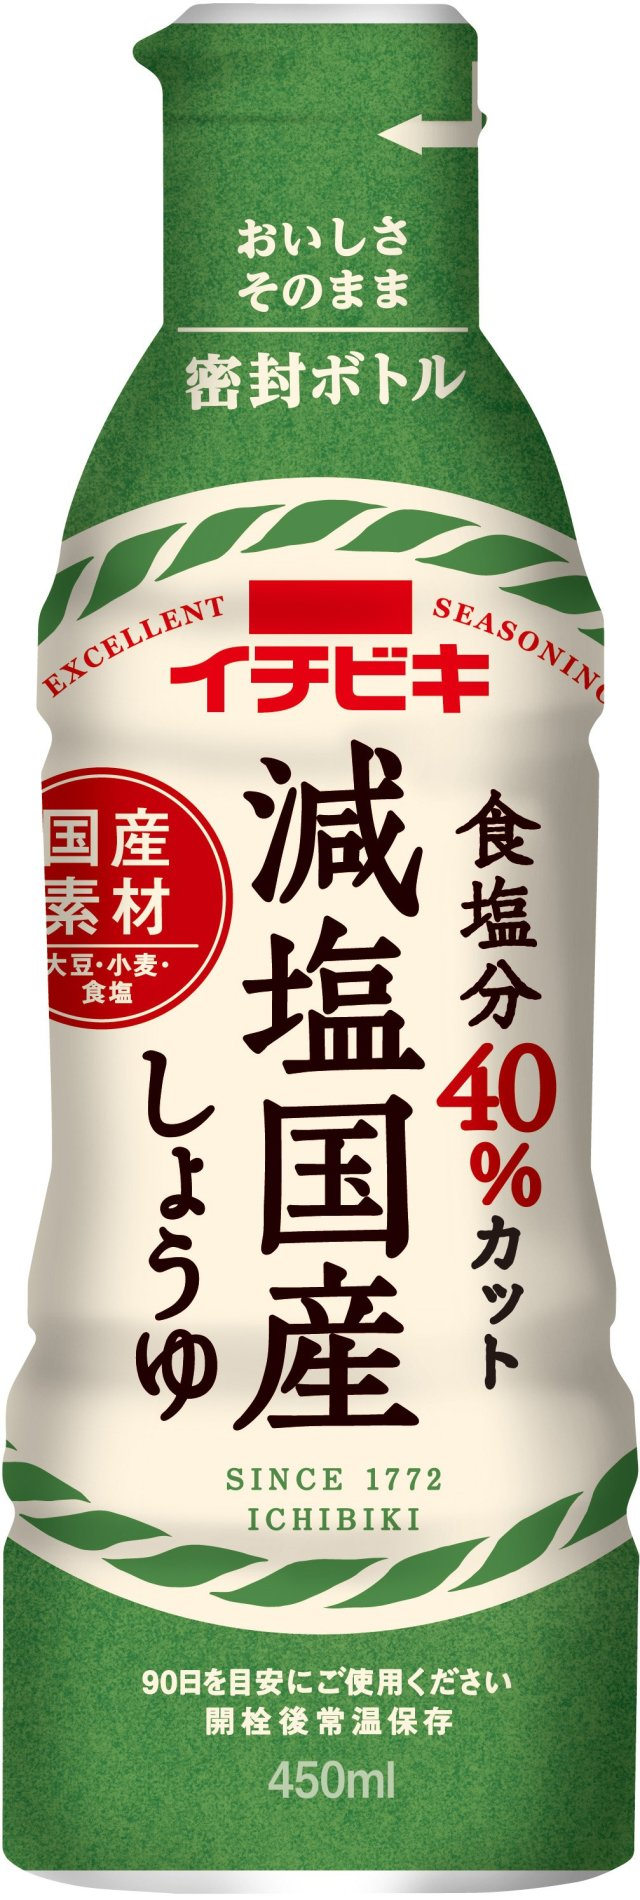 減塩国産しょうゆ(450ml) (旧10798Bとは味が違います)